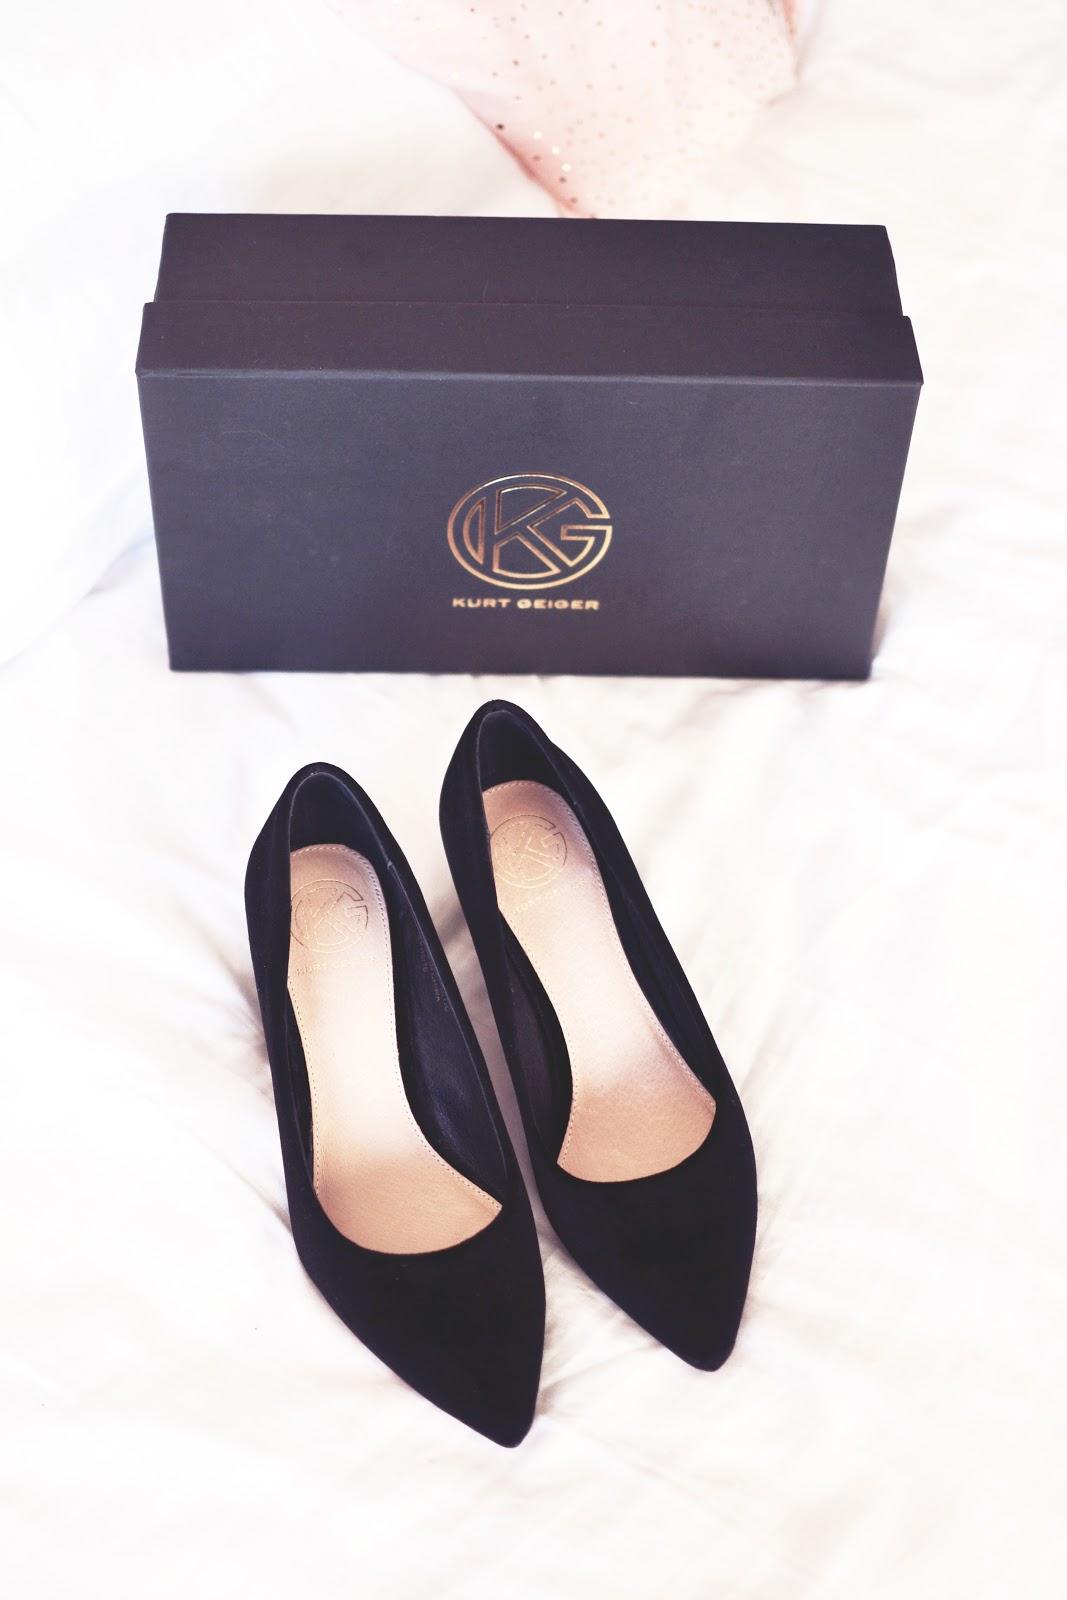 Kurt Geiger Dazzle Shoes